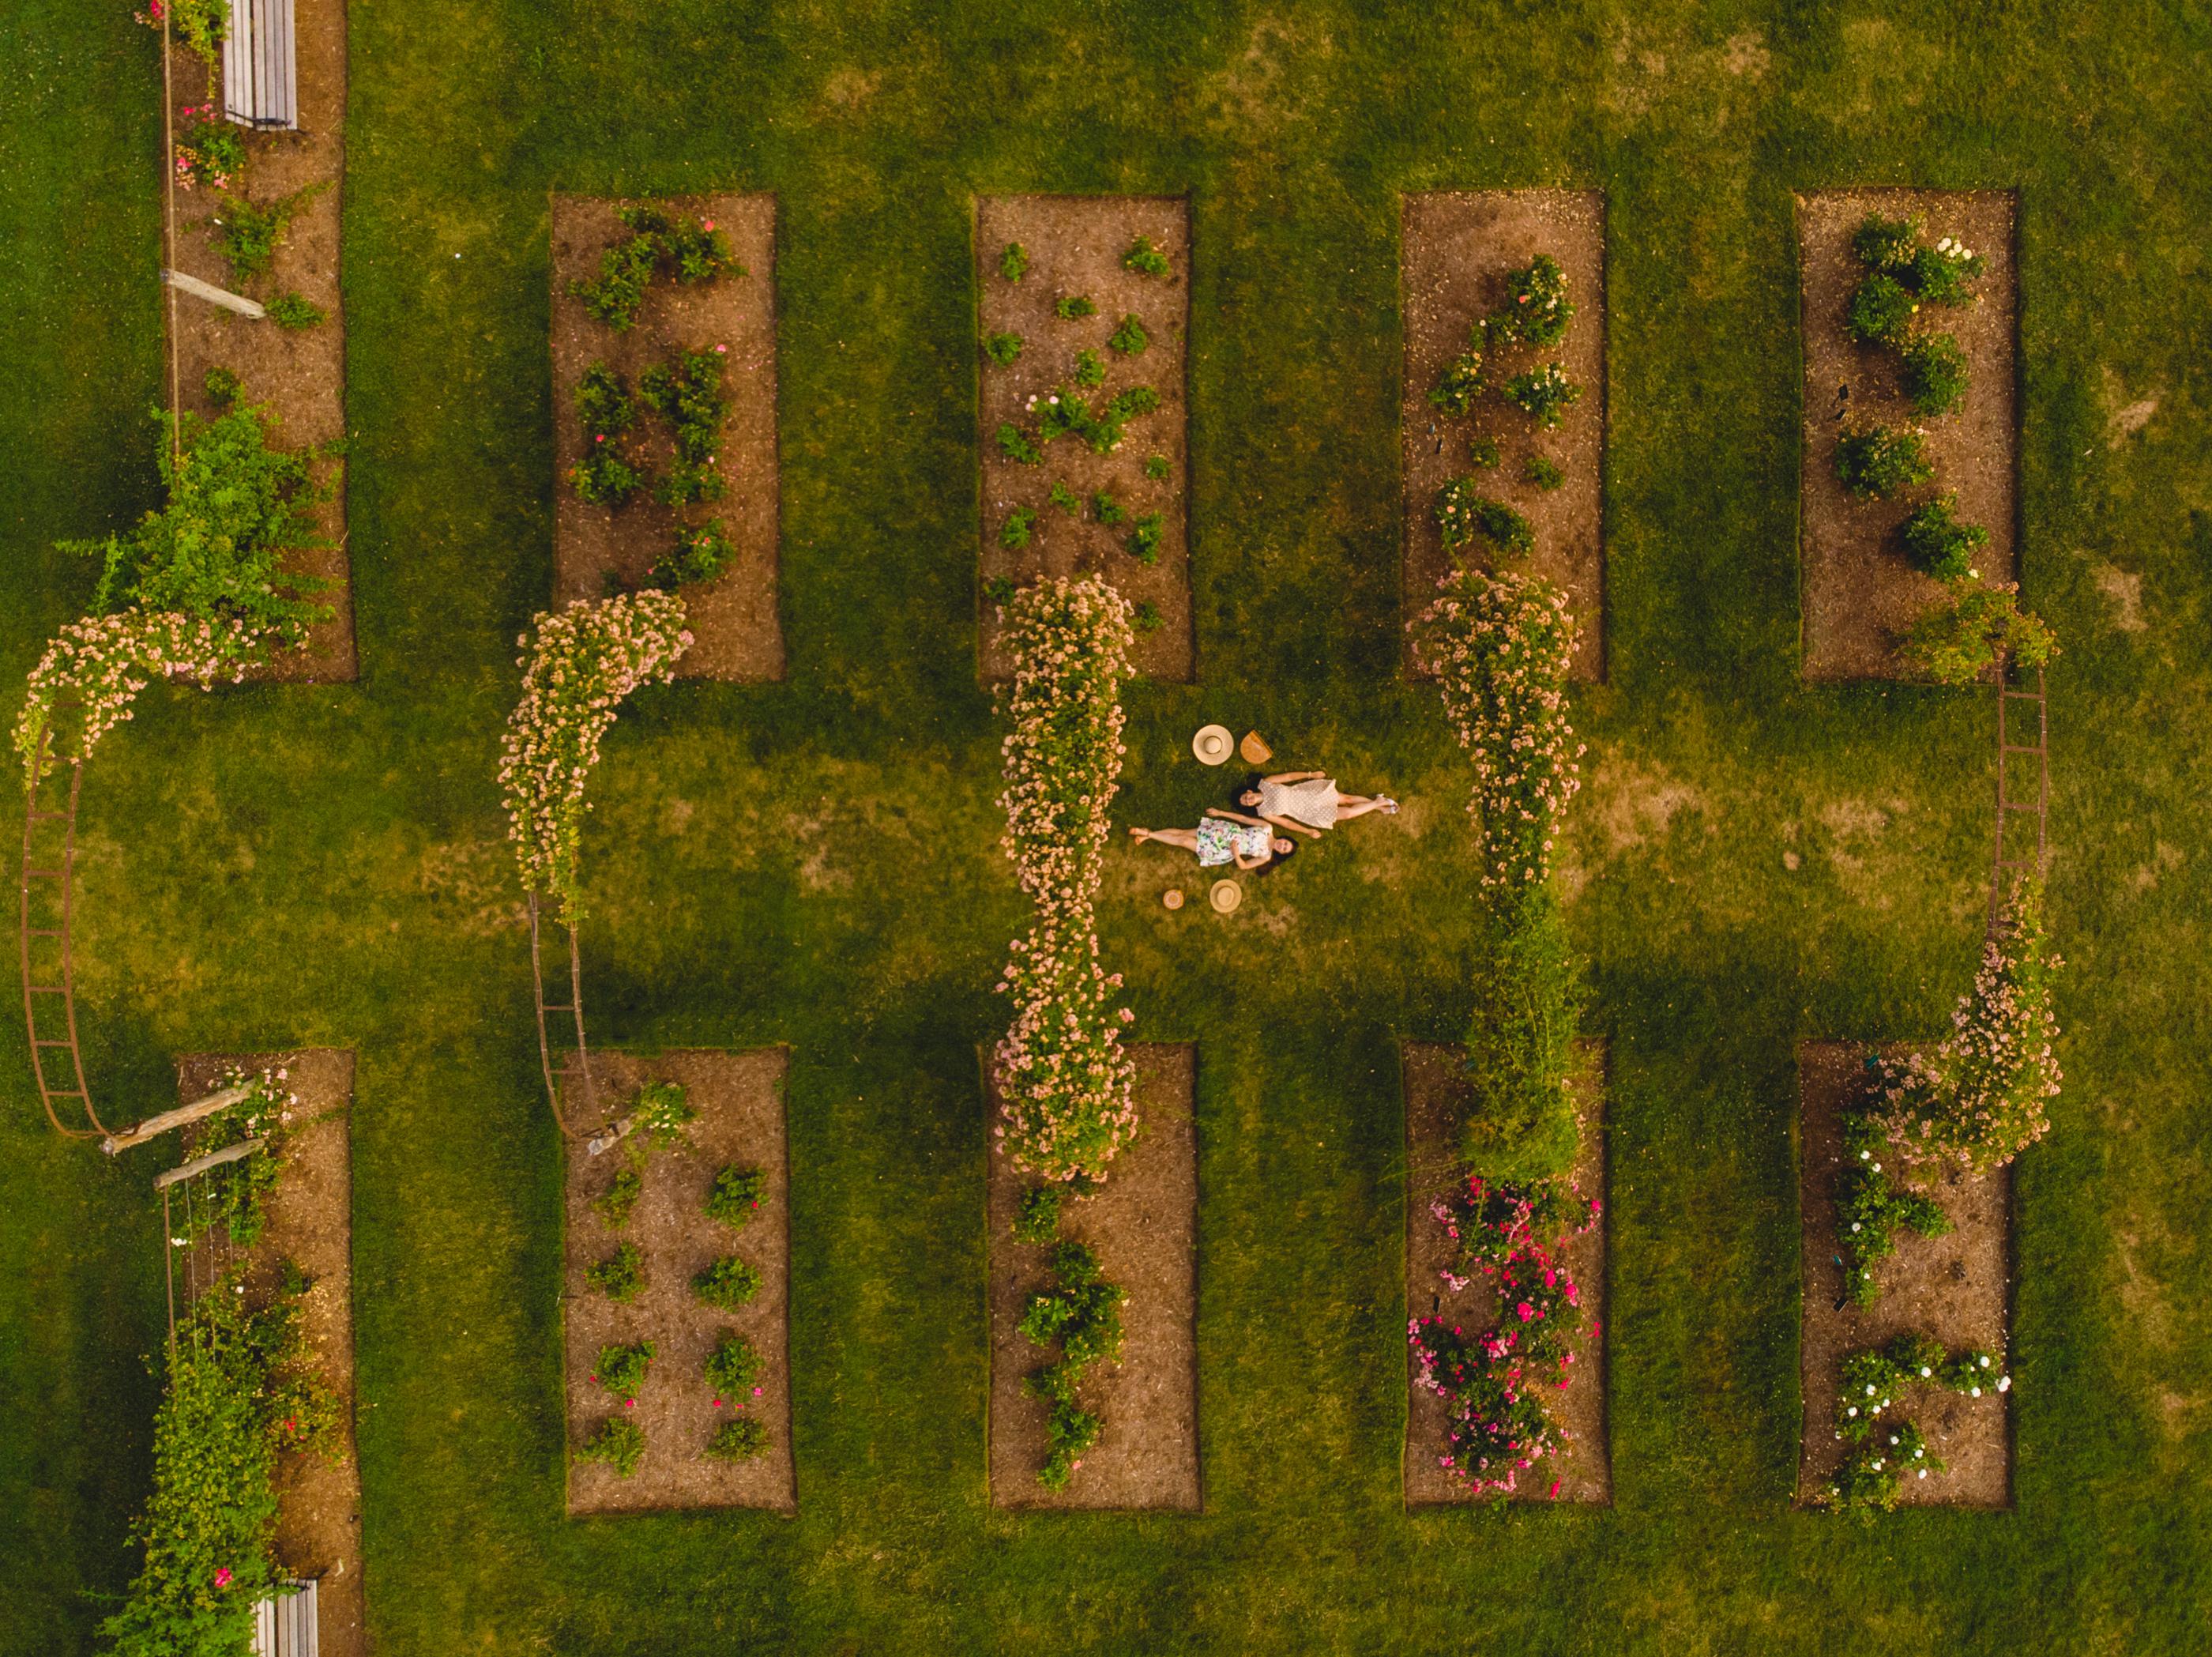 Elizabeth Park Drone Photos